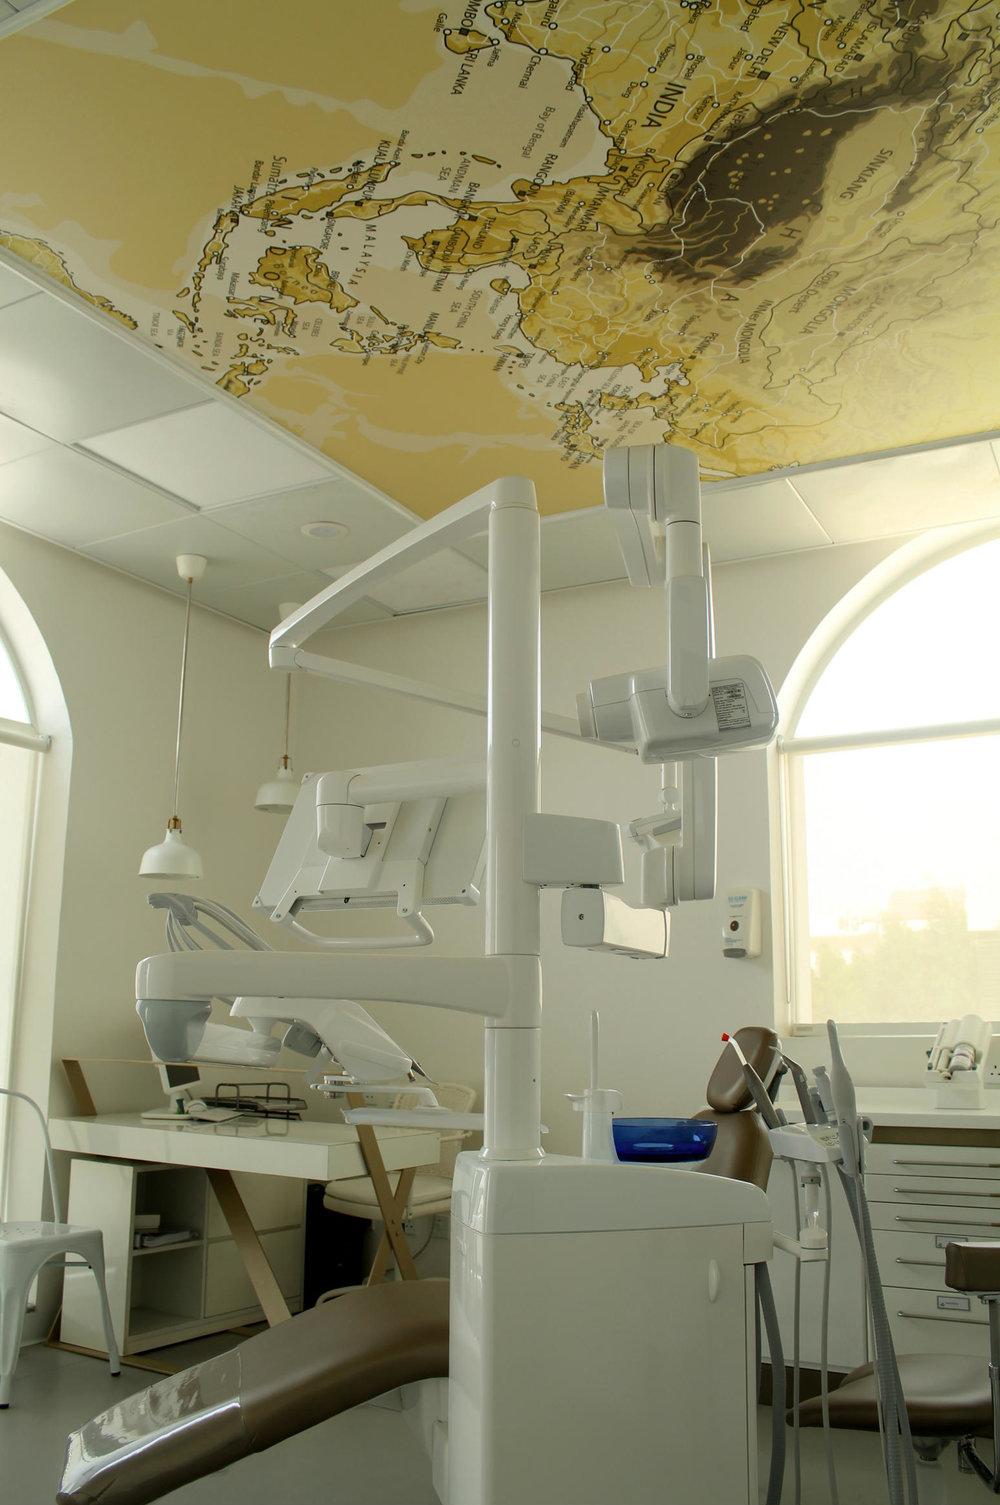 Dr Jaju's Operatory Room 2